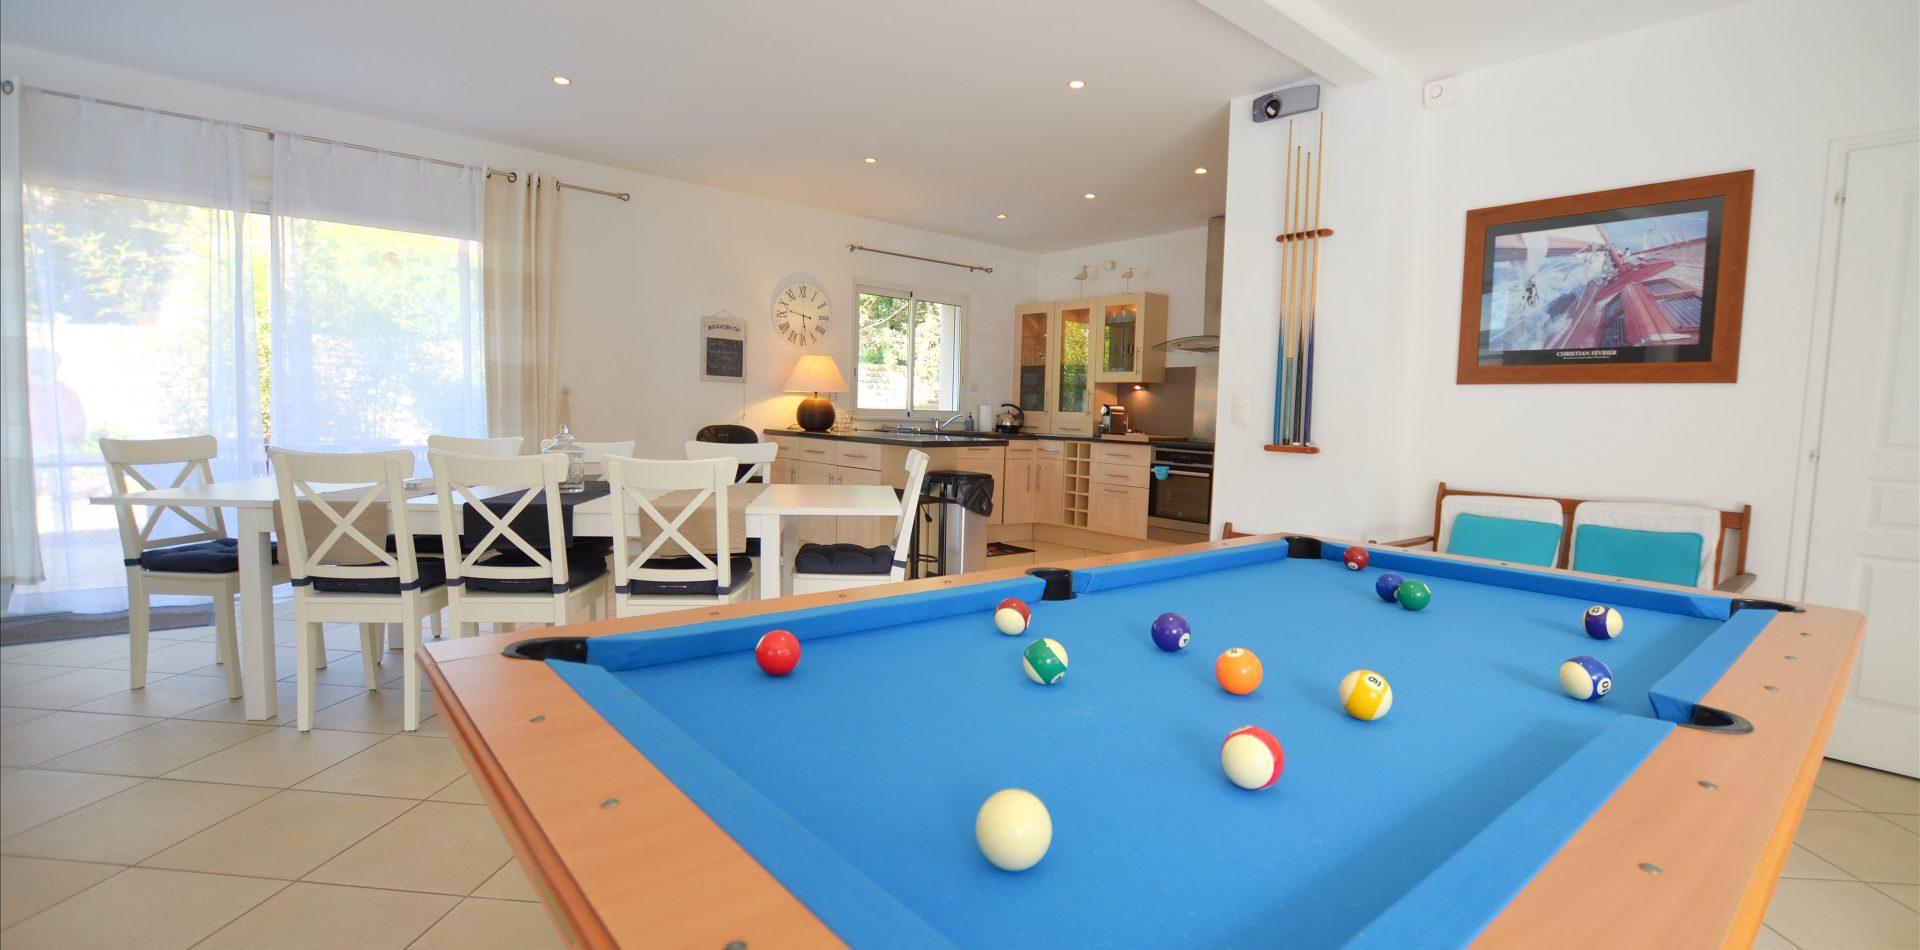 Villa Eden – Maison De Vacances***** En Vendée Avec Piscine ... concernant Location Avec Piscine Intérieure Chauffée Privée